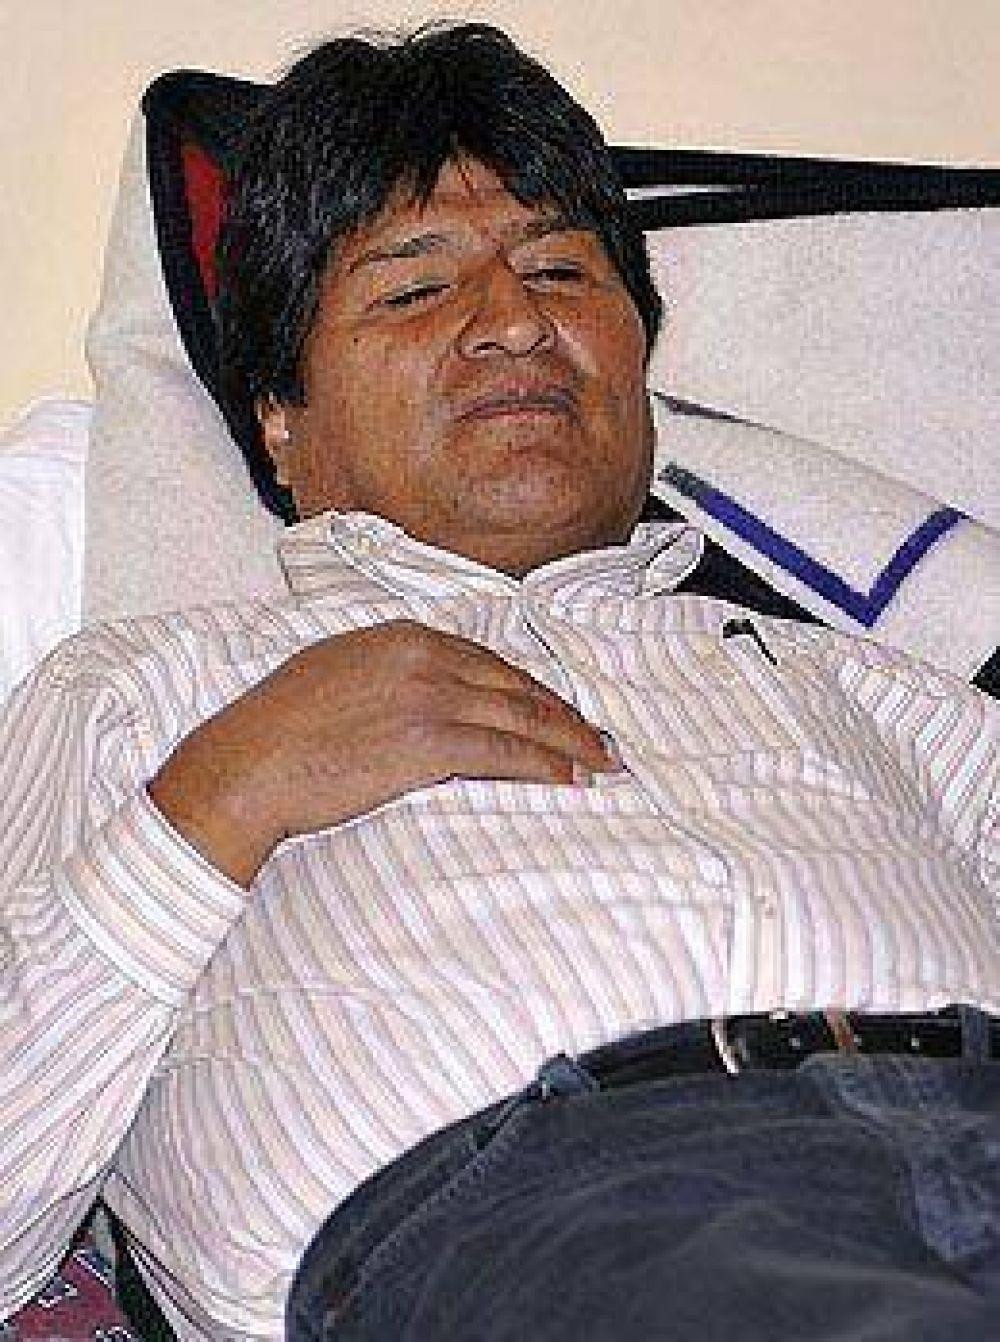 Aún en huelga de hambre, Evo prometió nuevo padrón y la oposición aceptó volver a dialogar